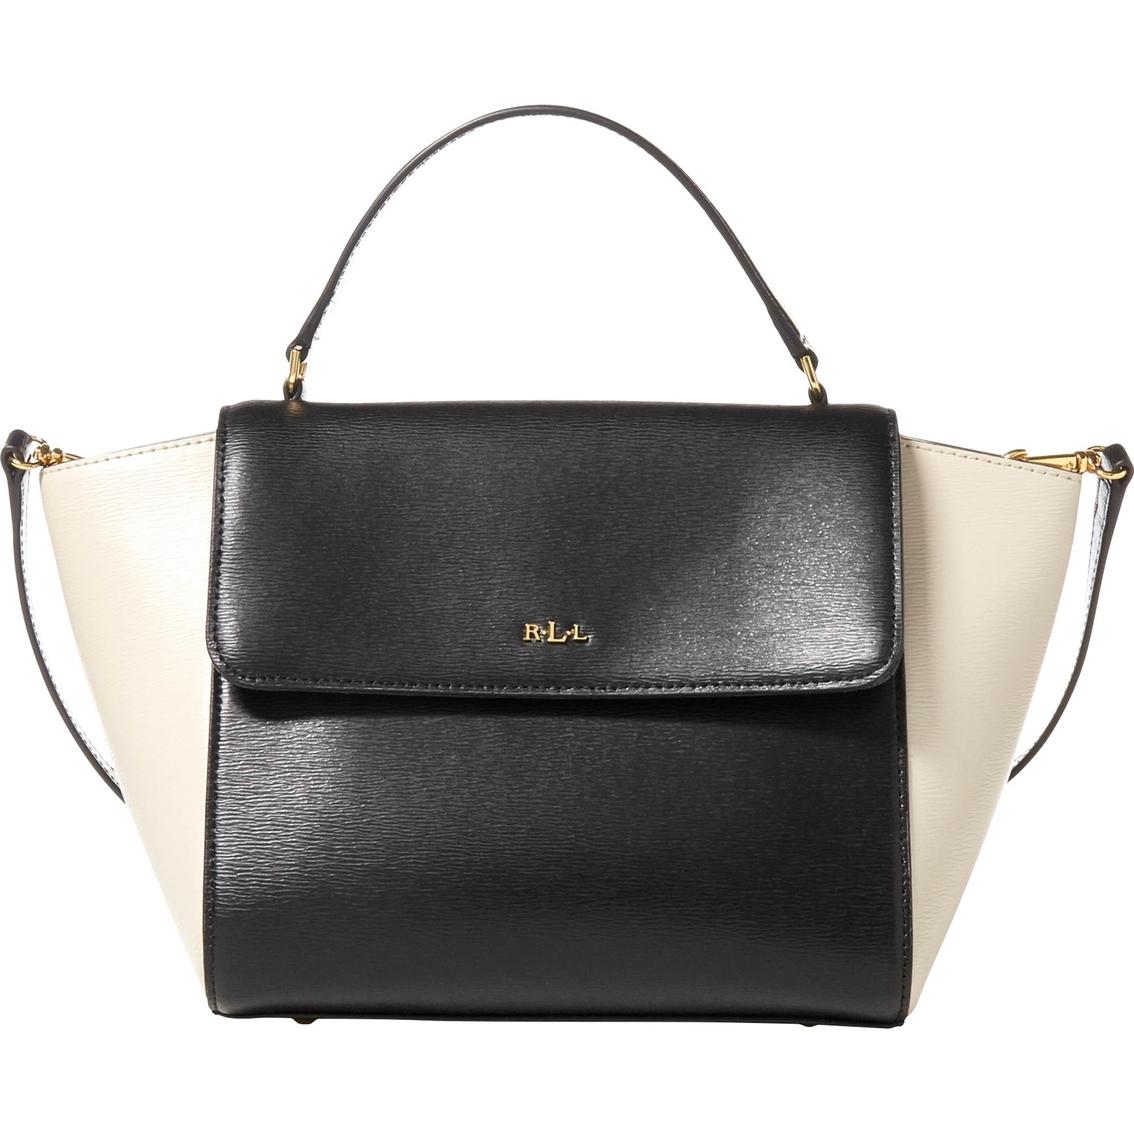 60fb7bfb8975 Lauren Ralph Lauren Newbury Barclay Crossbody Handbag